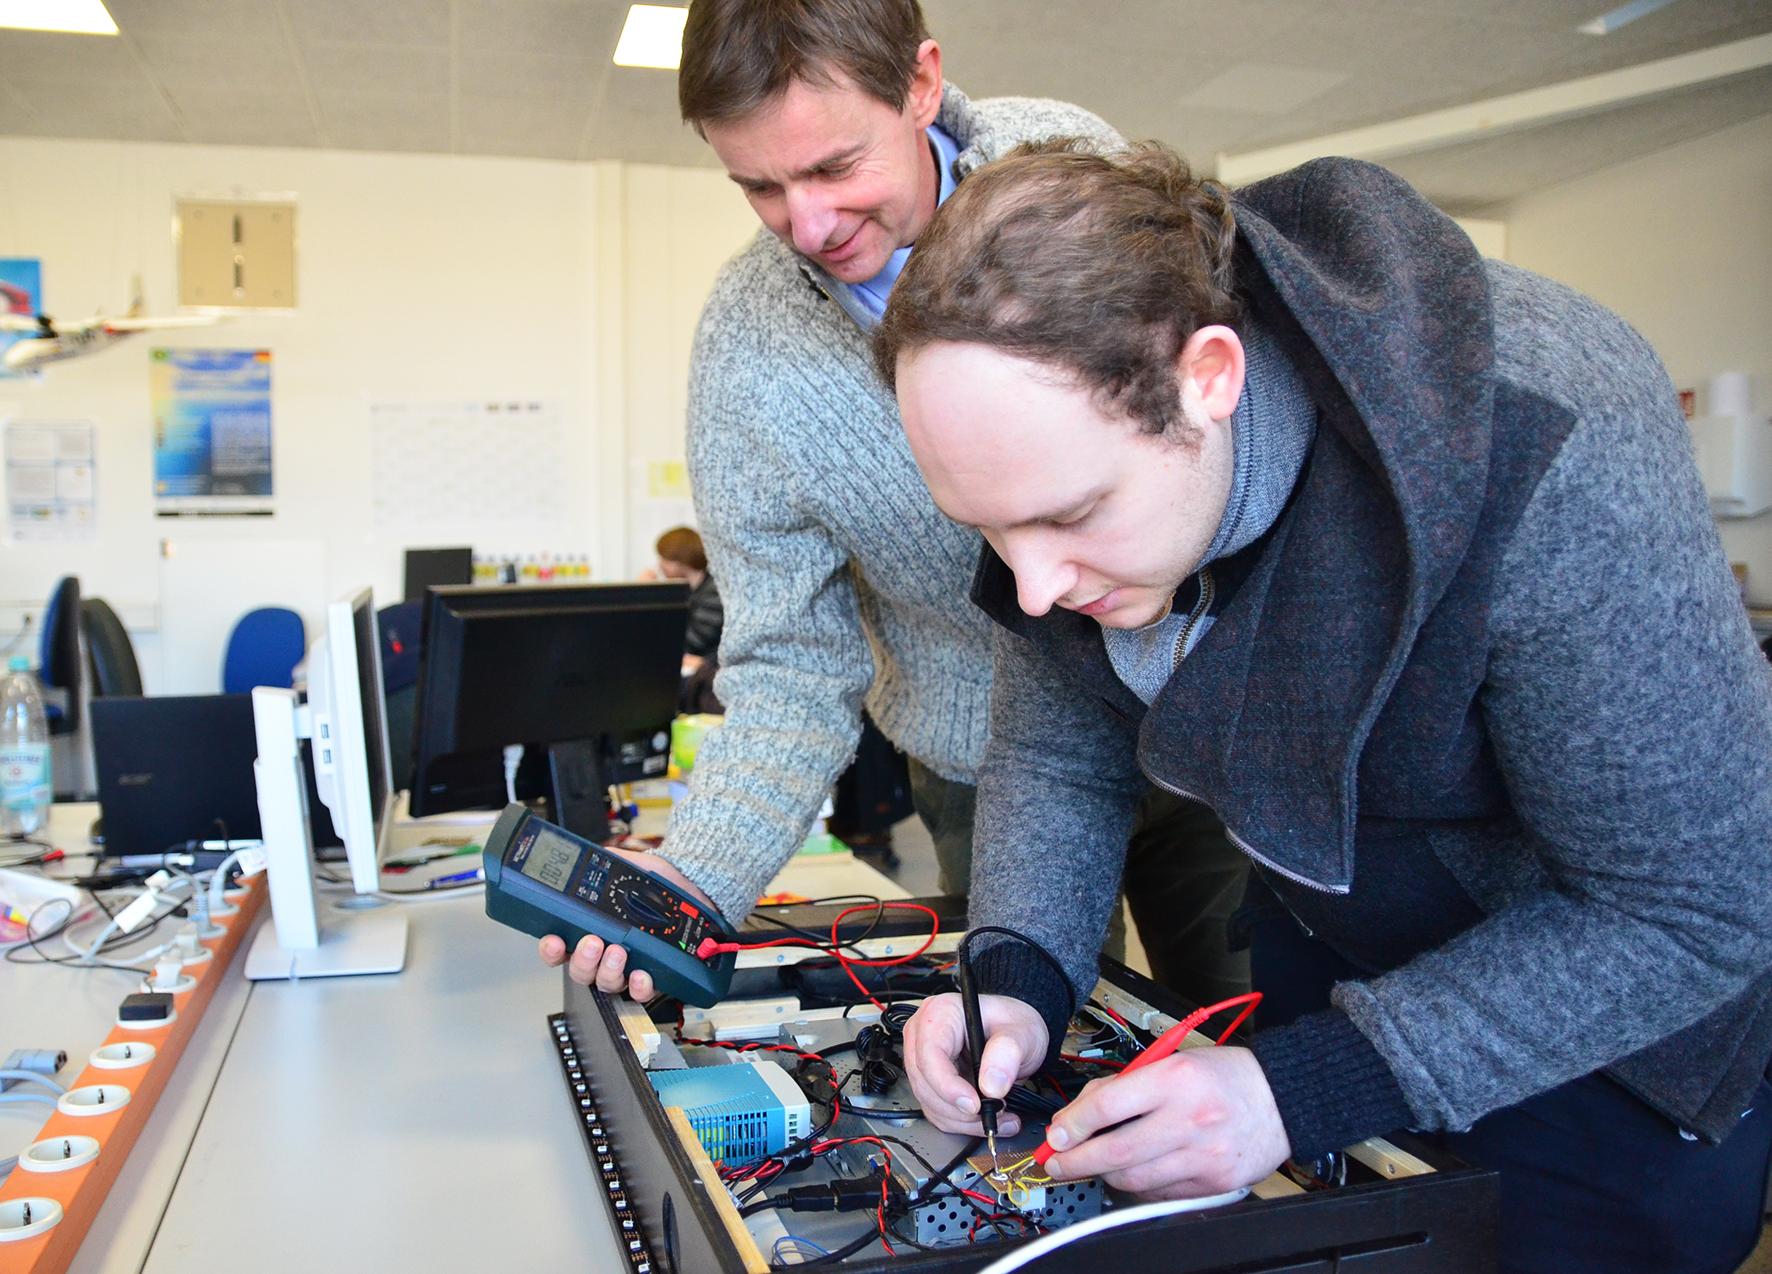 Student Lukas Scharlau lötet auf einer kleinen Platine der Elektrotechnik des Spiegels, Prof. Glösekötter überprüft die Versorgungsspannung